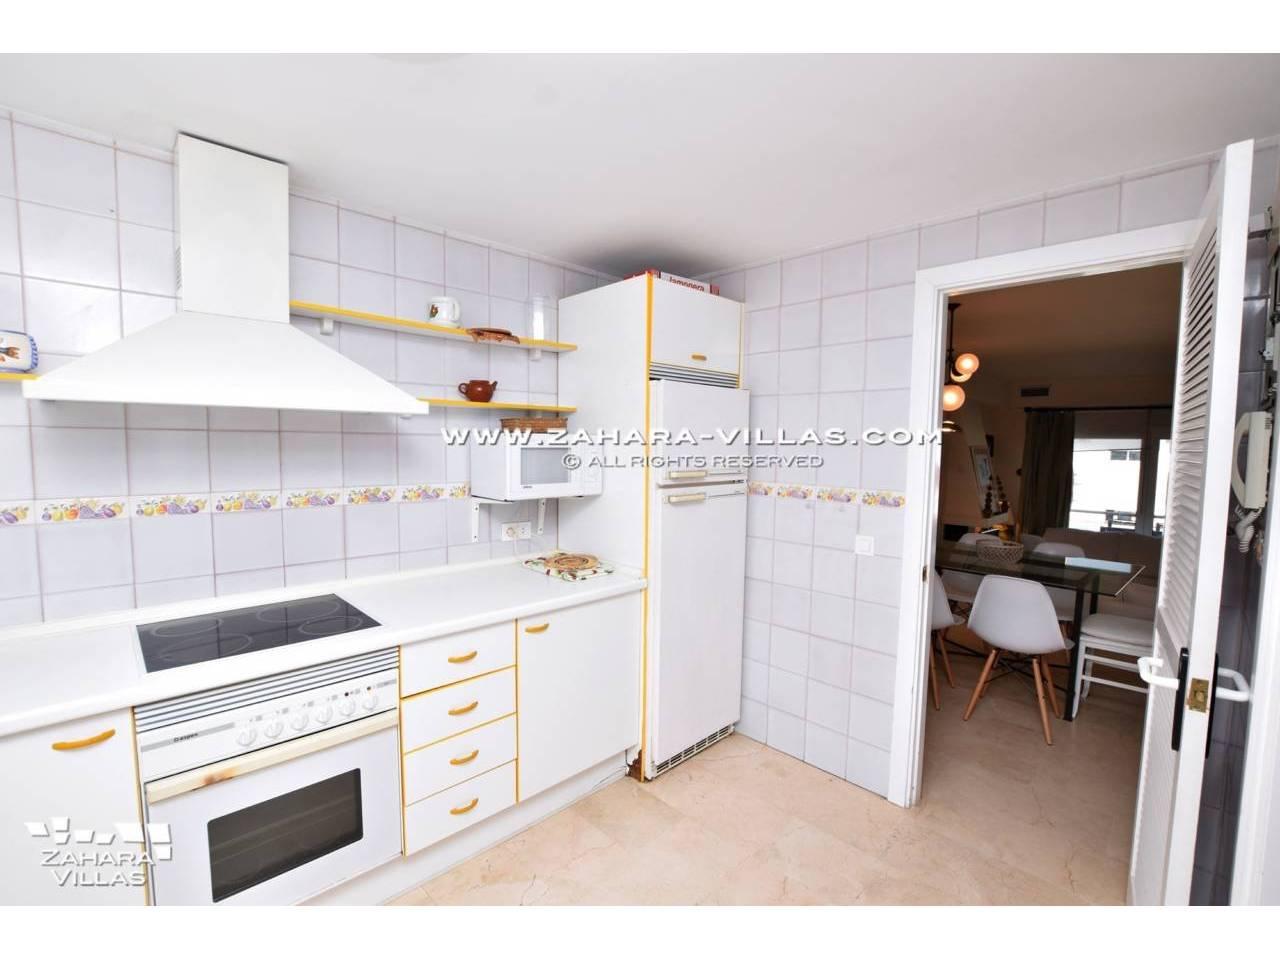 Imagen 10 de Duplex zu verkaufen in Urb. Costa Zahara